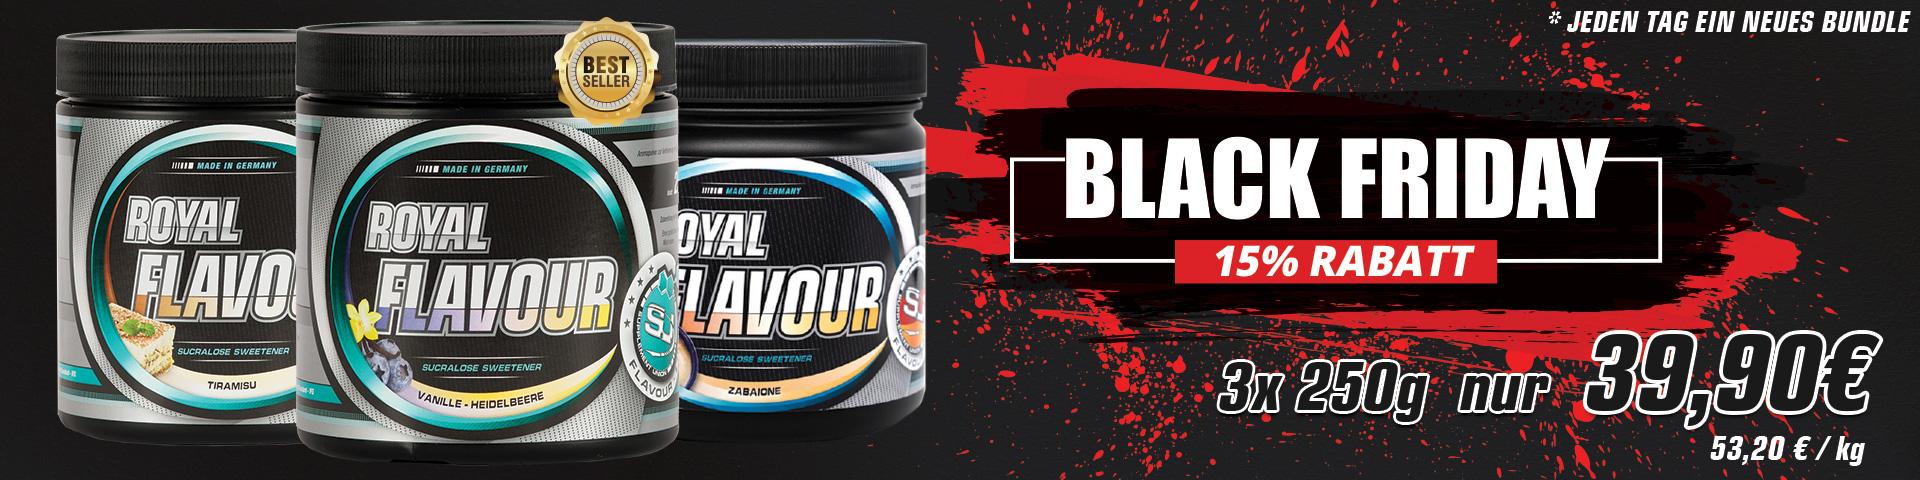 black-week-flavour-bundle-sonntag.jpg